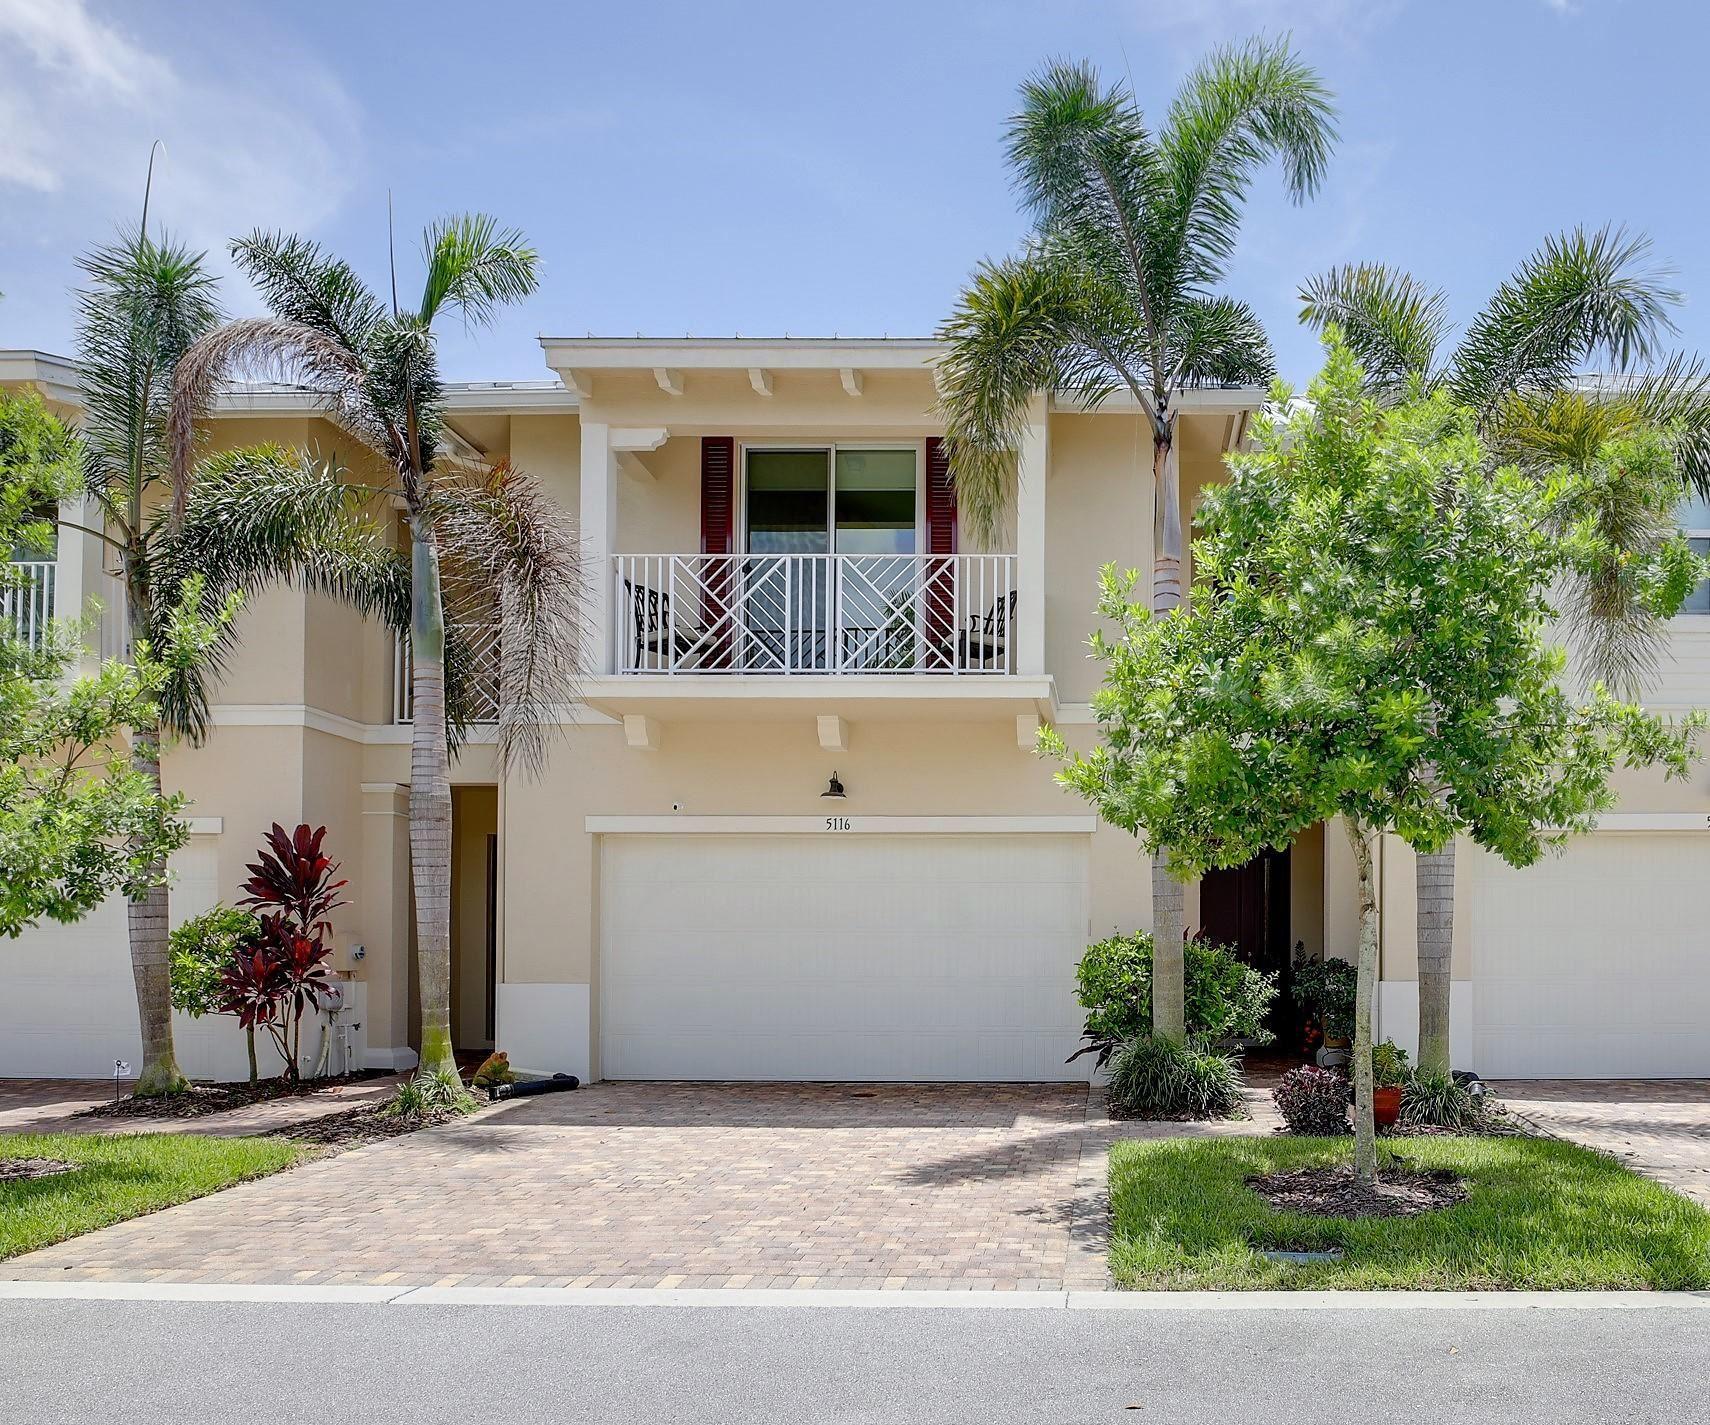 5116 Hamilton Court, Palm Beach Gardens, FL 33418 - #: RX-10638471